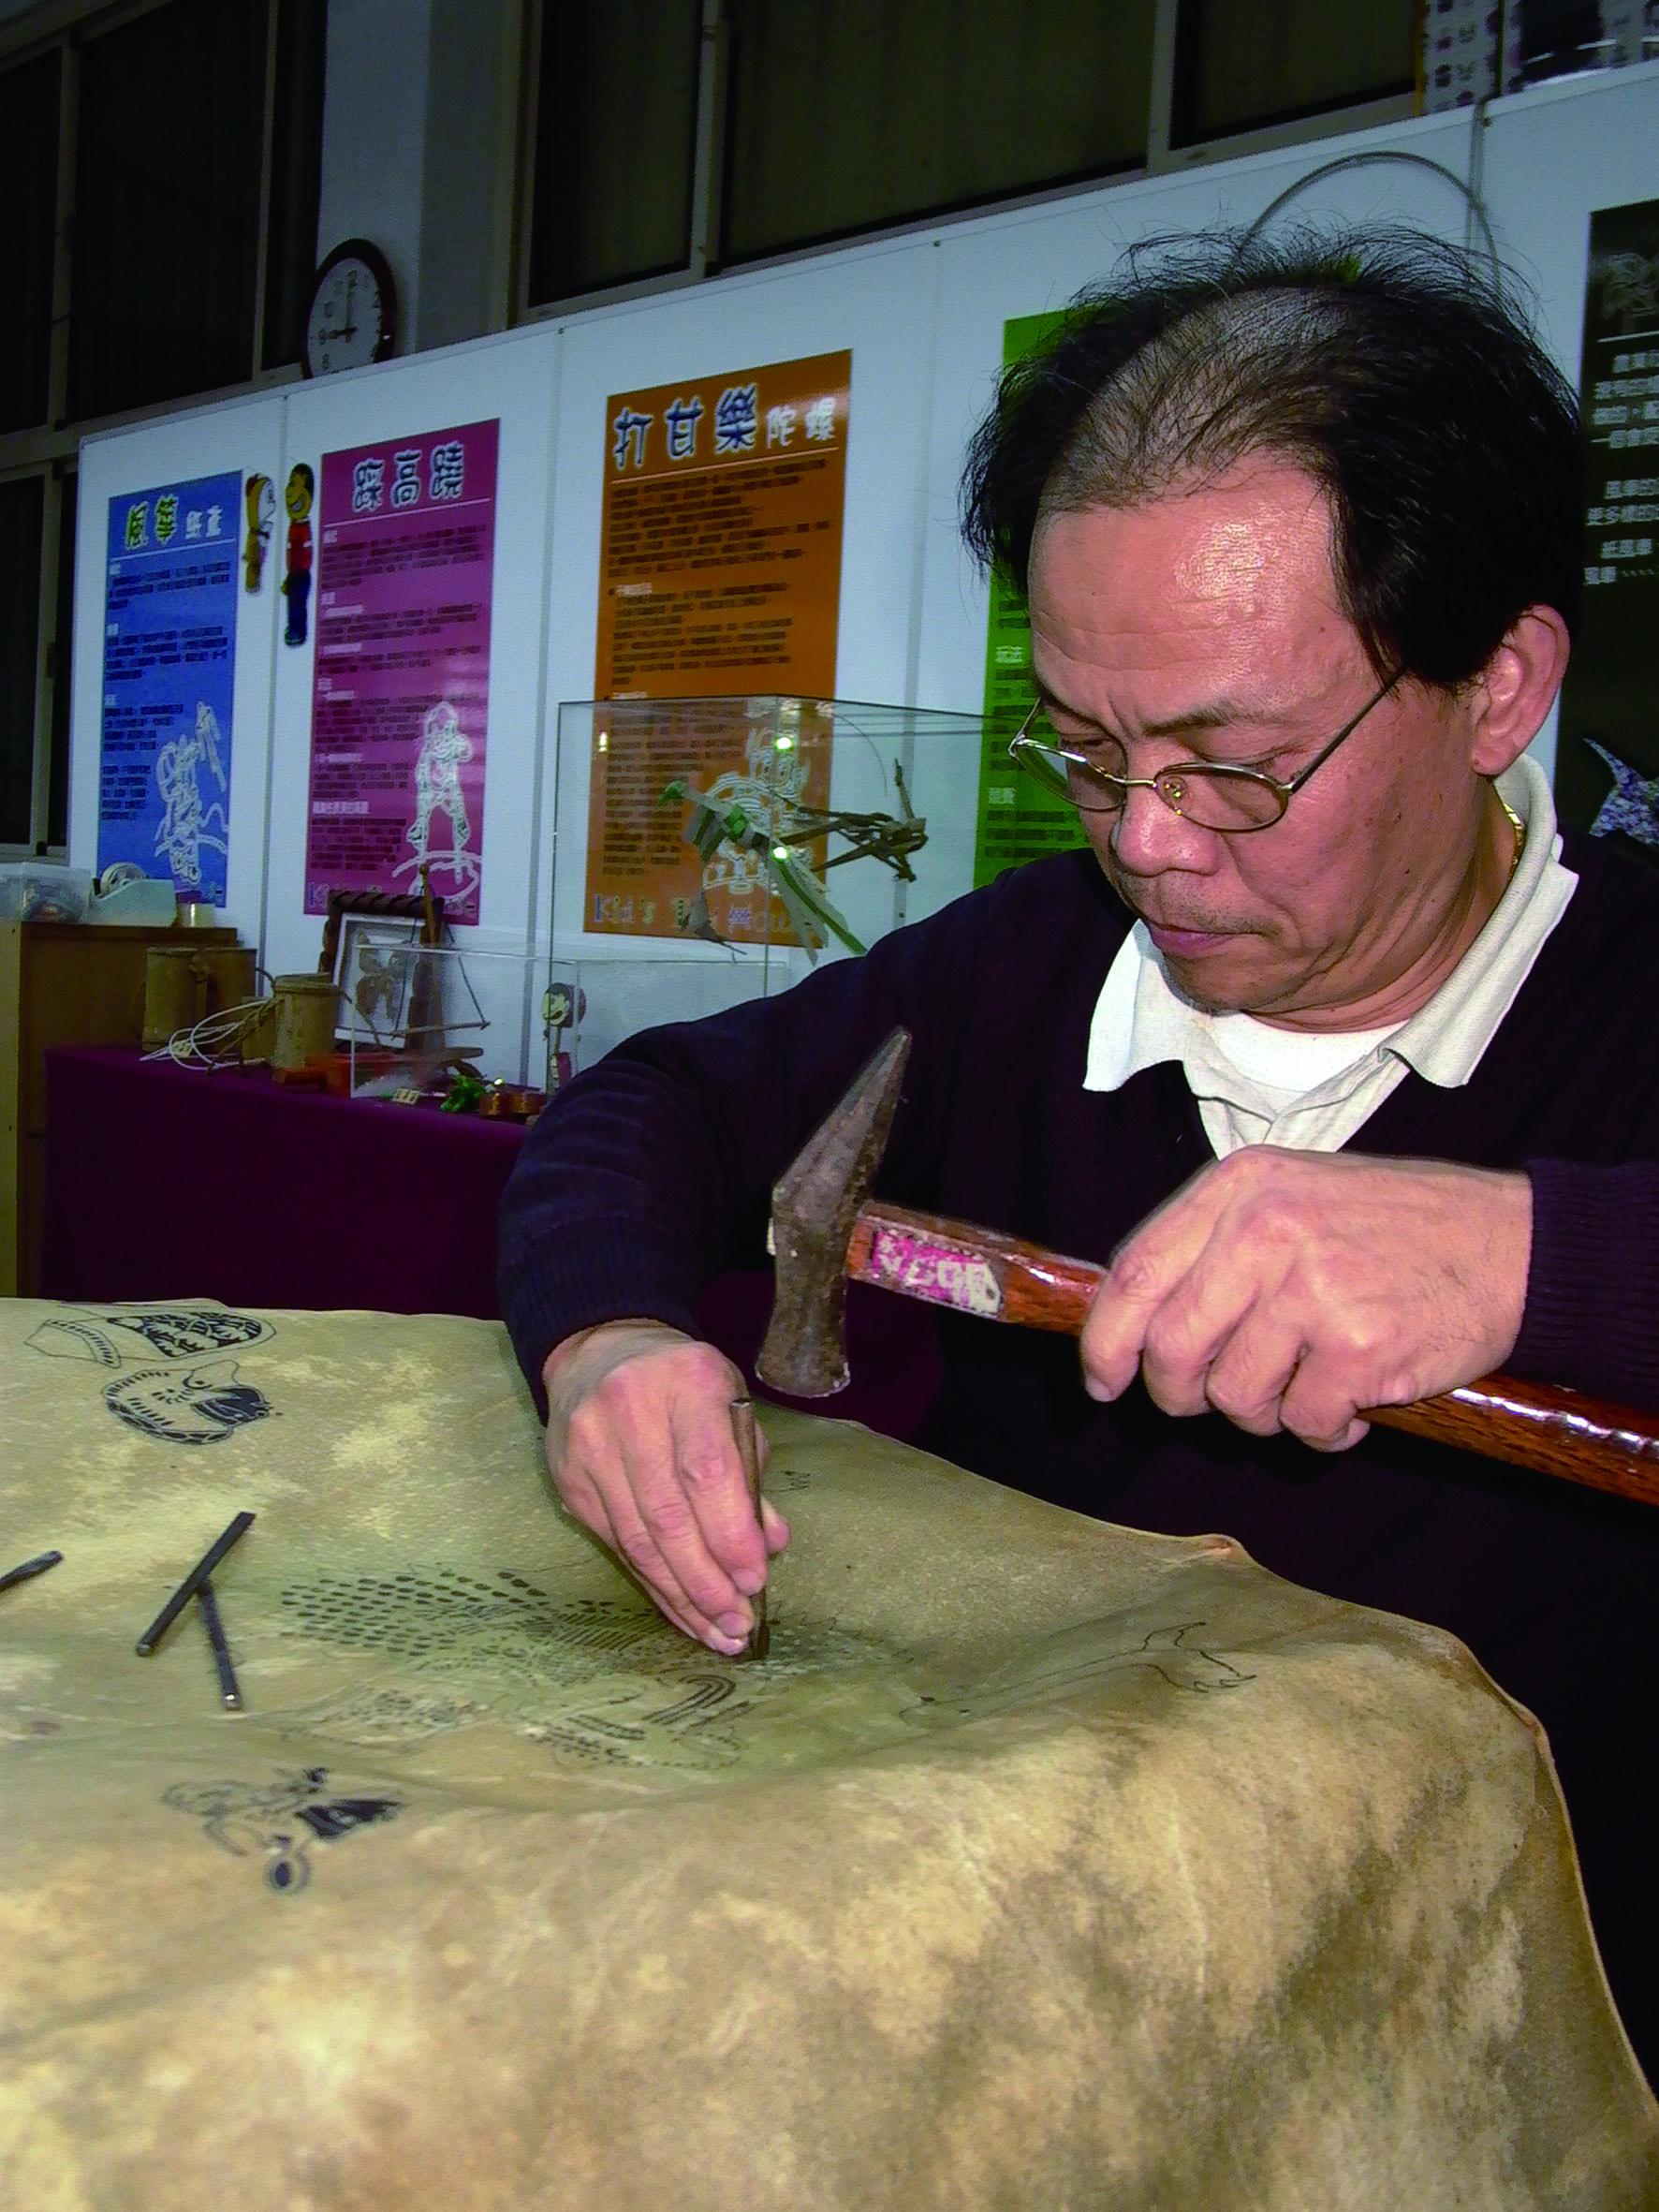 第一代蕭如訓喜歡研究製作皮影戲偶,創造偶的許多高難度動作。.JPG